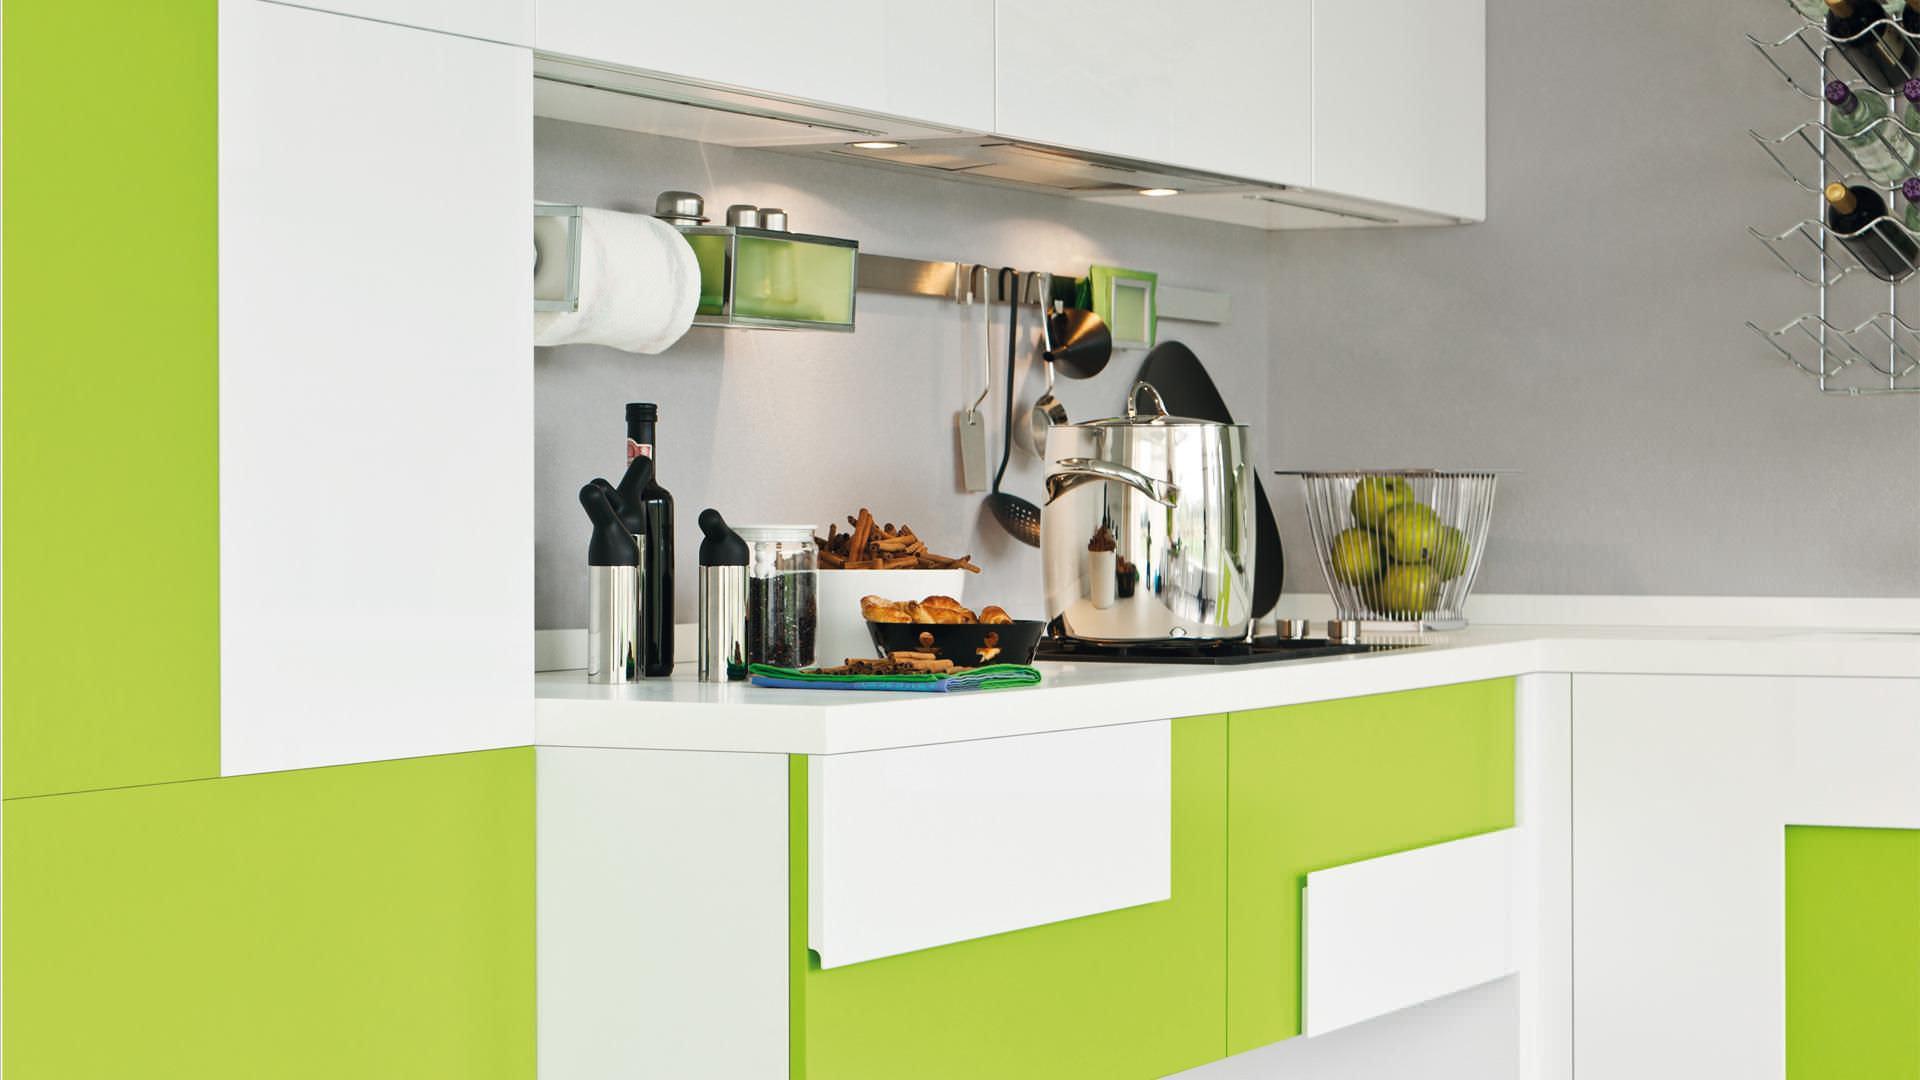 Cucina moderna / in legno / laccata - CREATIVA - CUCINE LUBE - Video